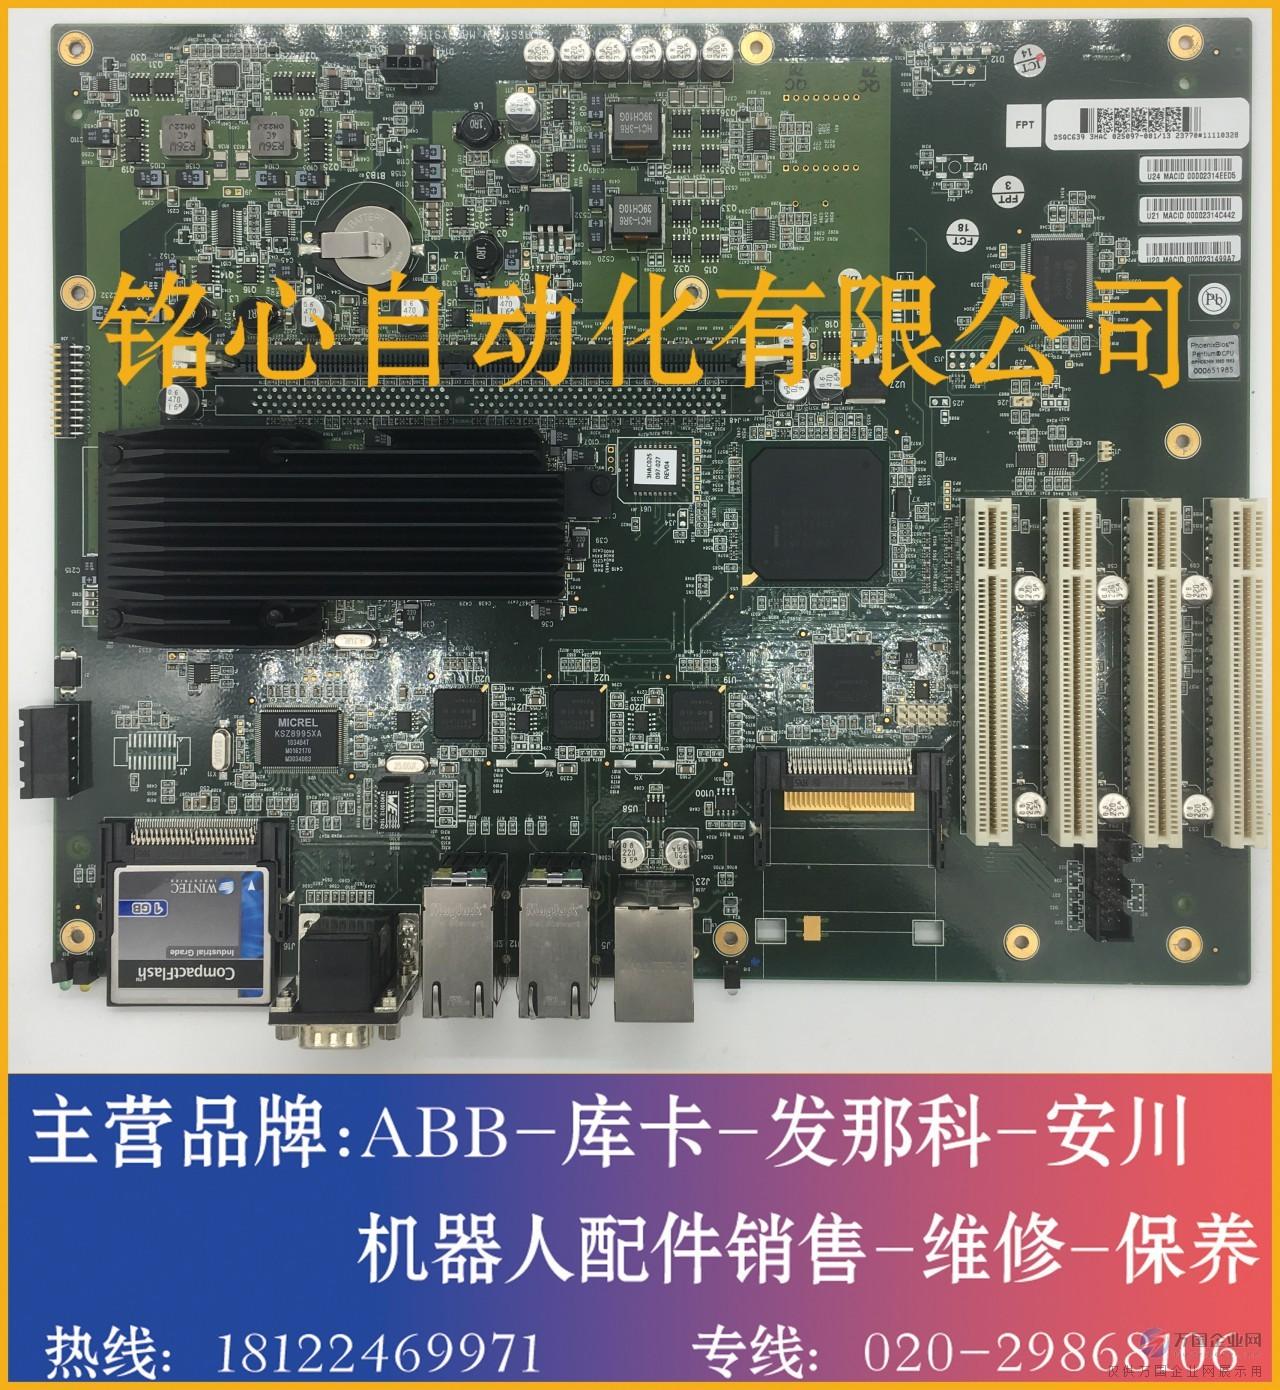 abb机器人主板 dsqc639 维修 销售